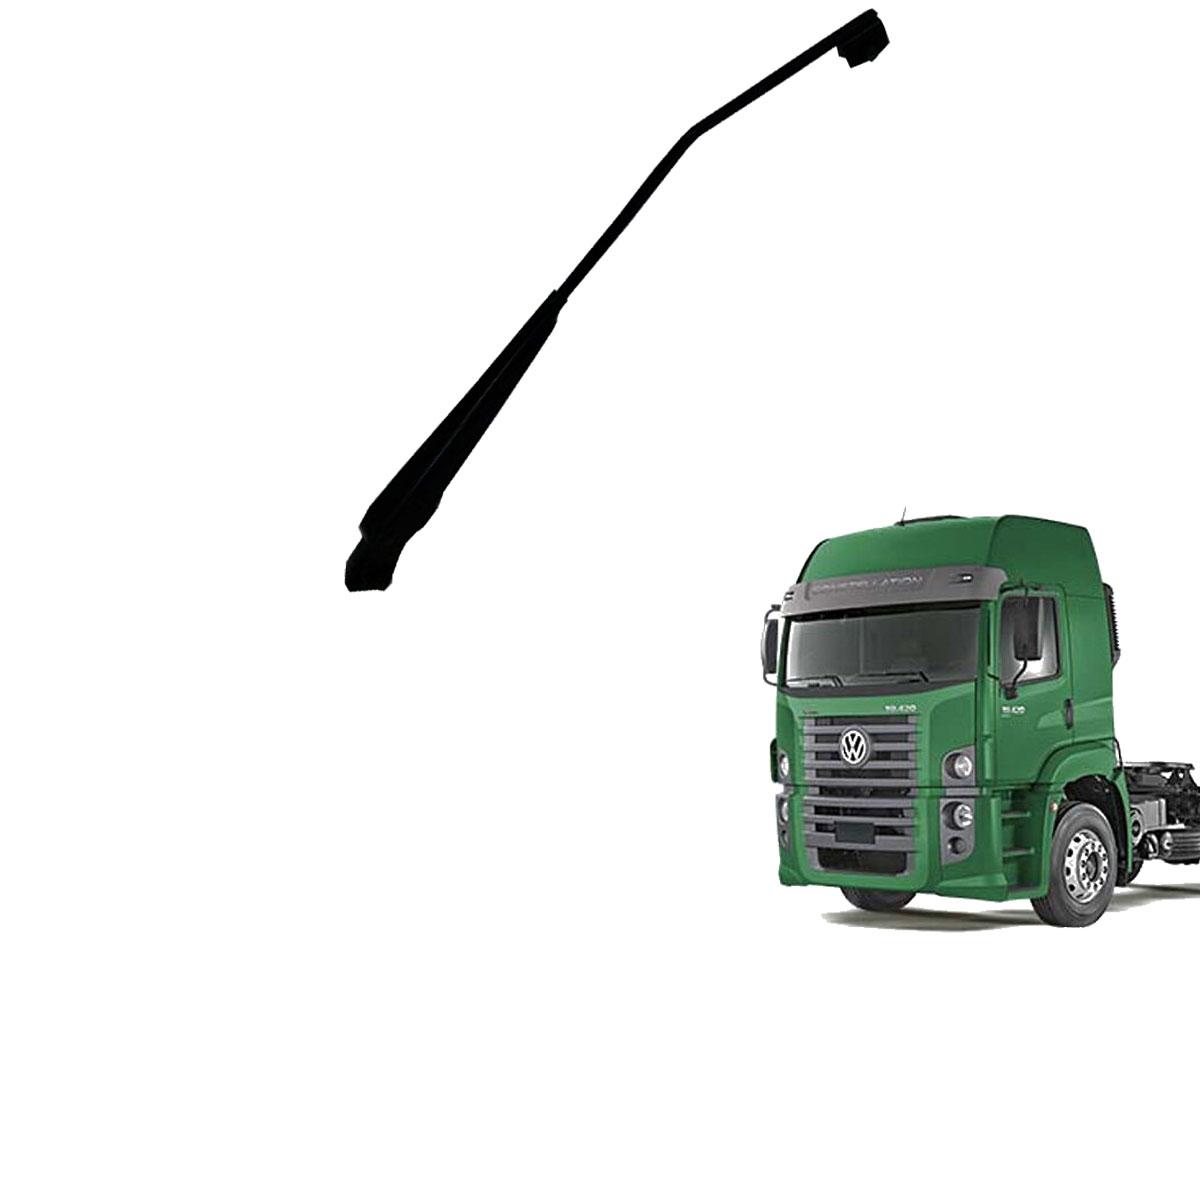 Braço Limpador VWC Caminhões - 1992 Até 2000 (G766) - GRANER